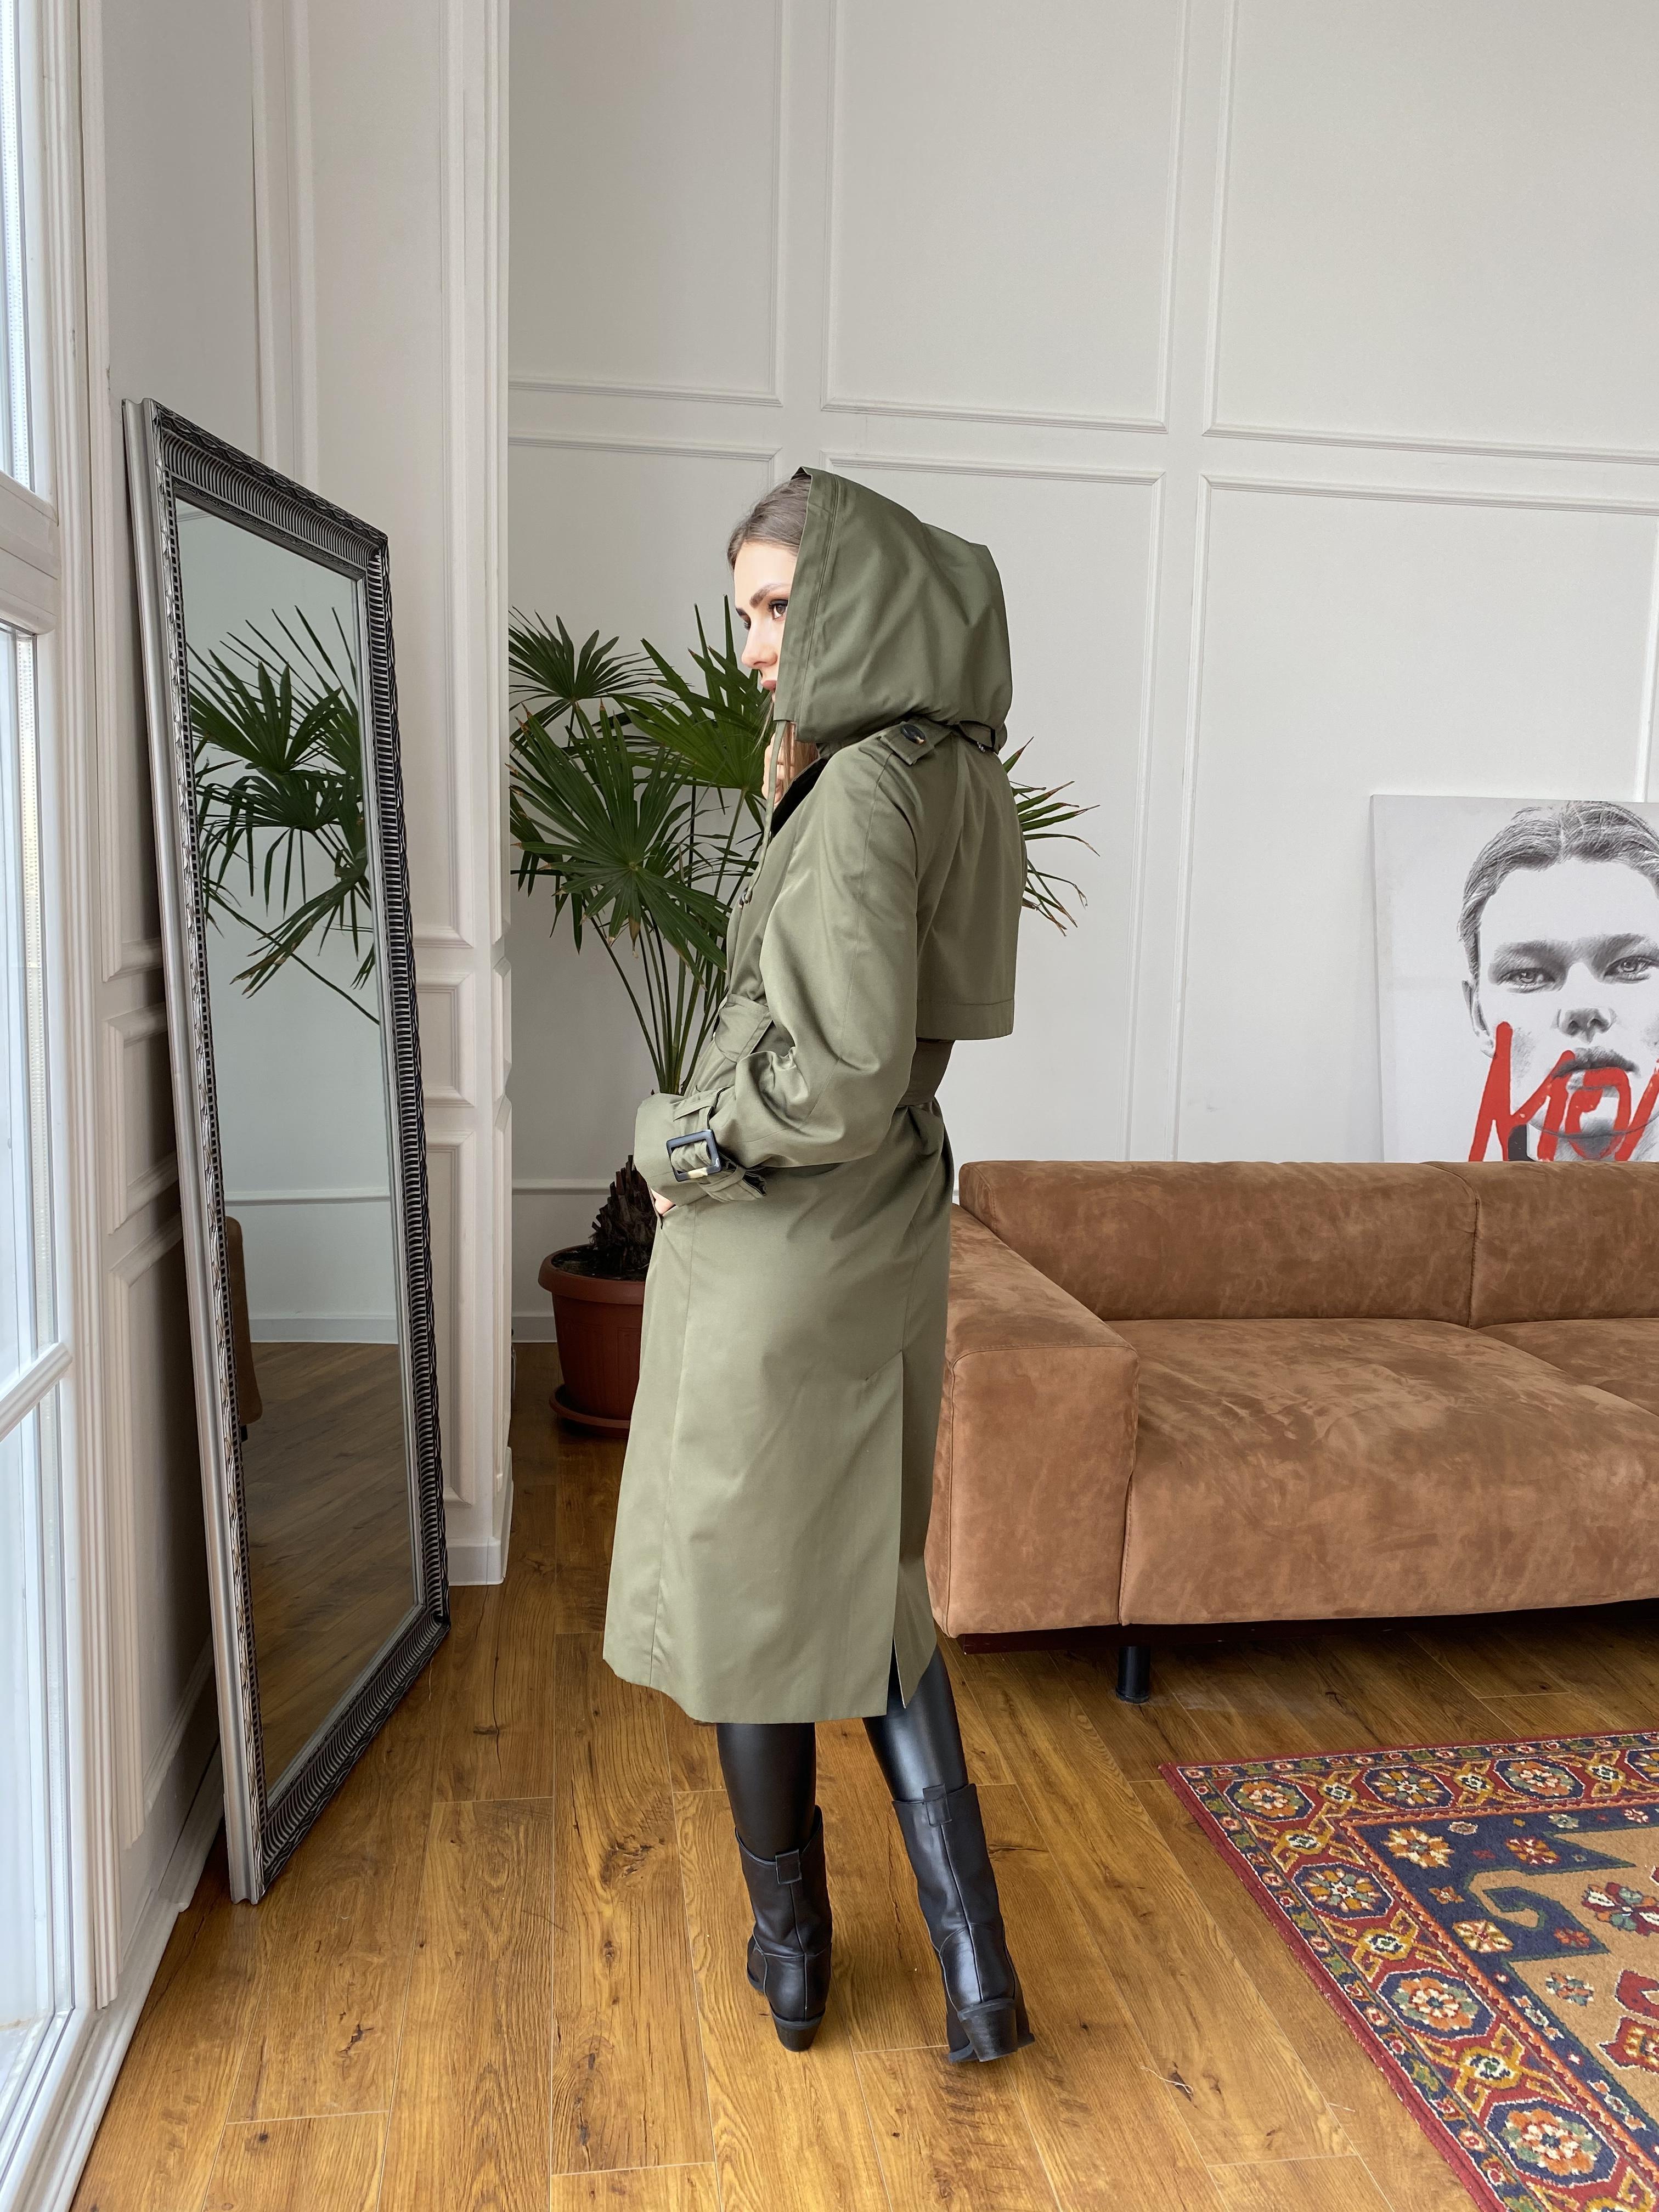 Винченсо тренч из плотной плащевки 10866 АРТ. 47331 Цвет: Хаки - фото 10, интернет магазин tm-modus.ru